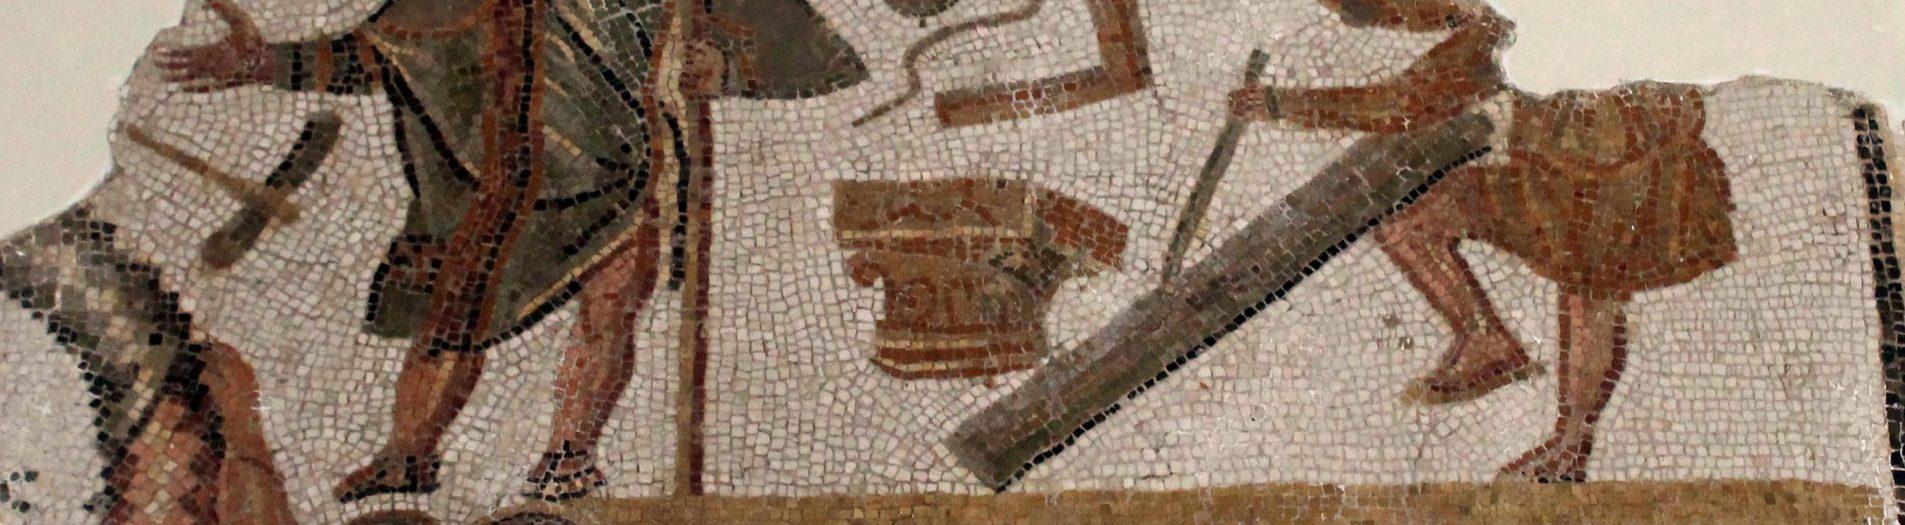 La mosaïque d'Oued Rmel de Zaghouan